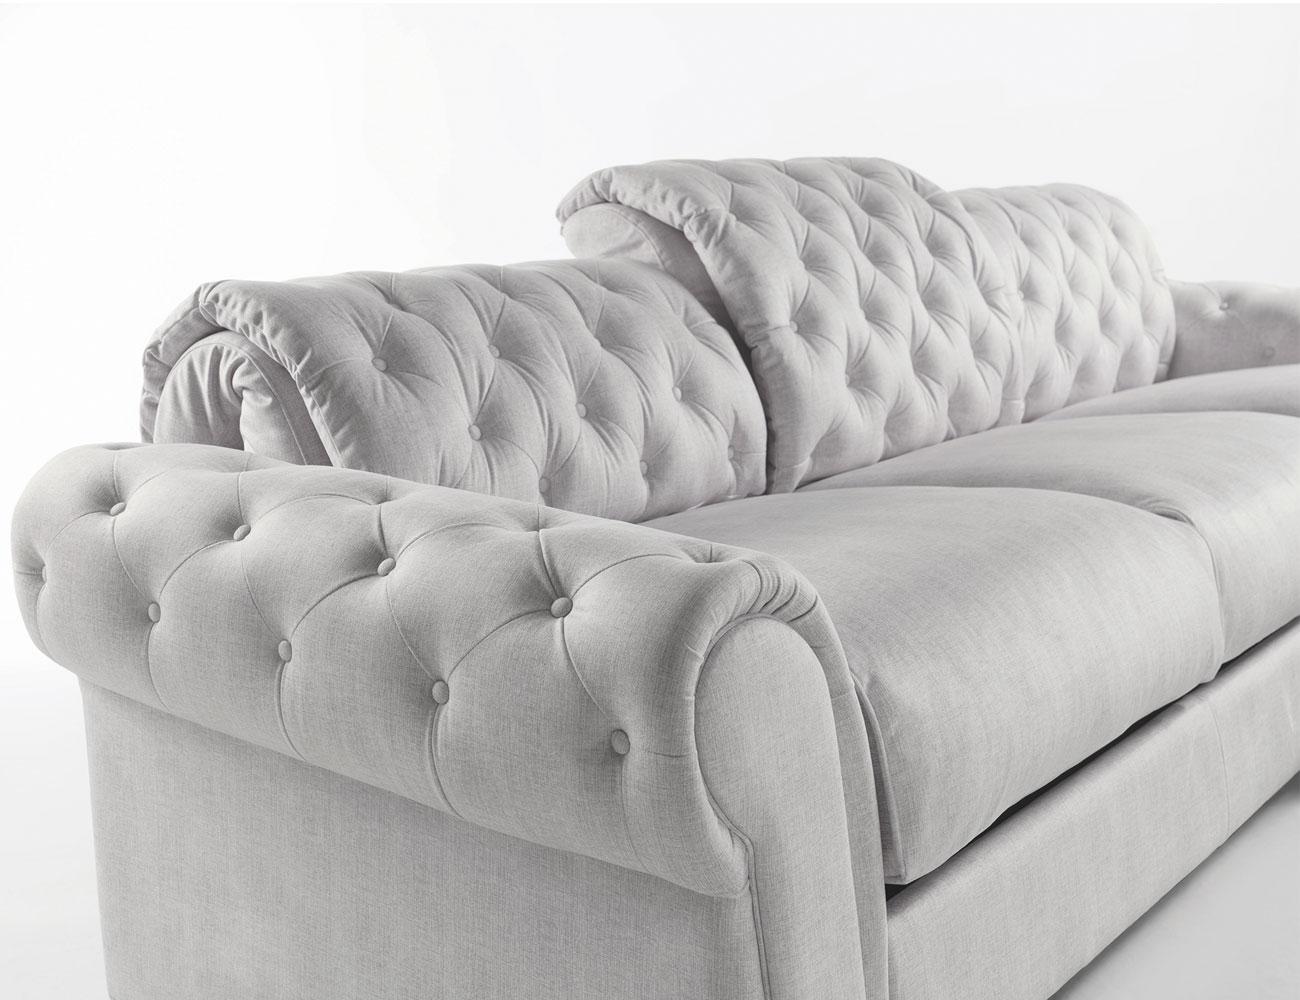 Sofa chaiselongue gran lujo decorativo capitone blanco tela 134